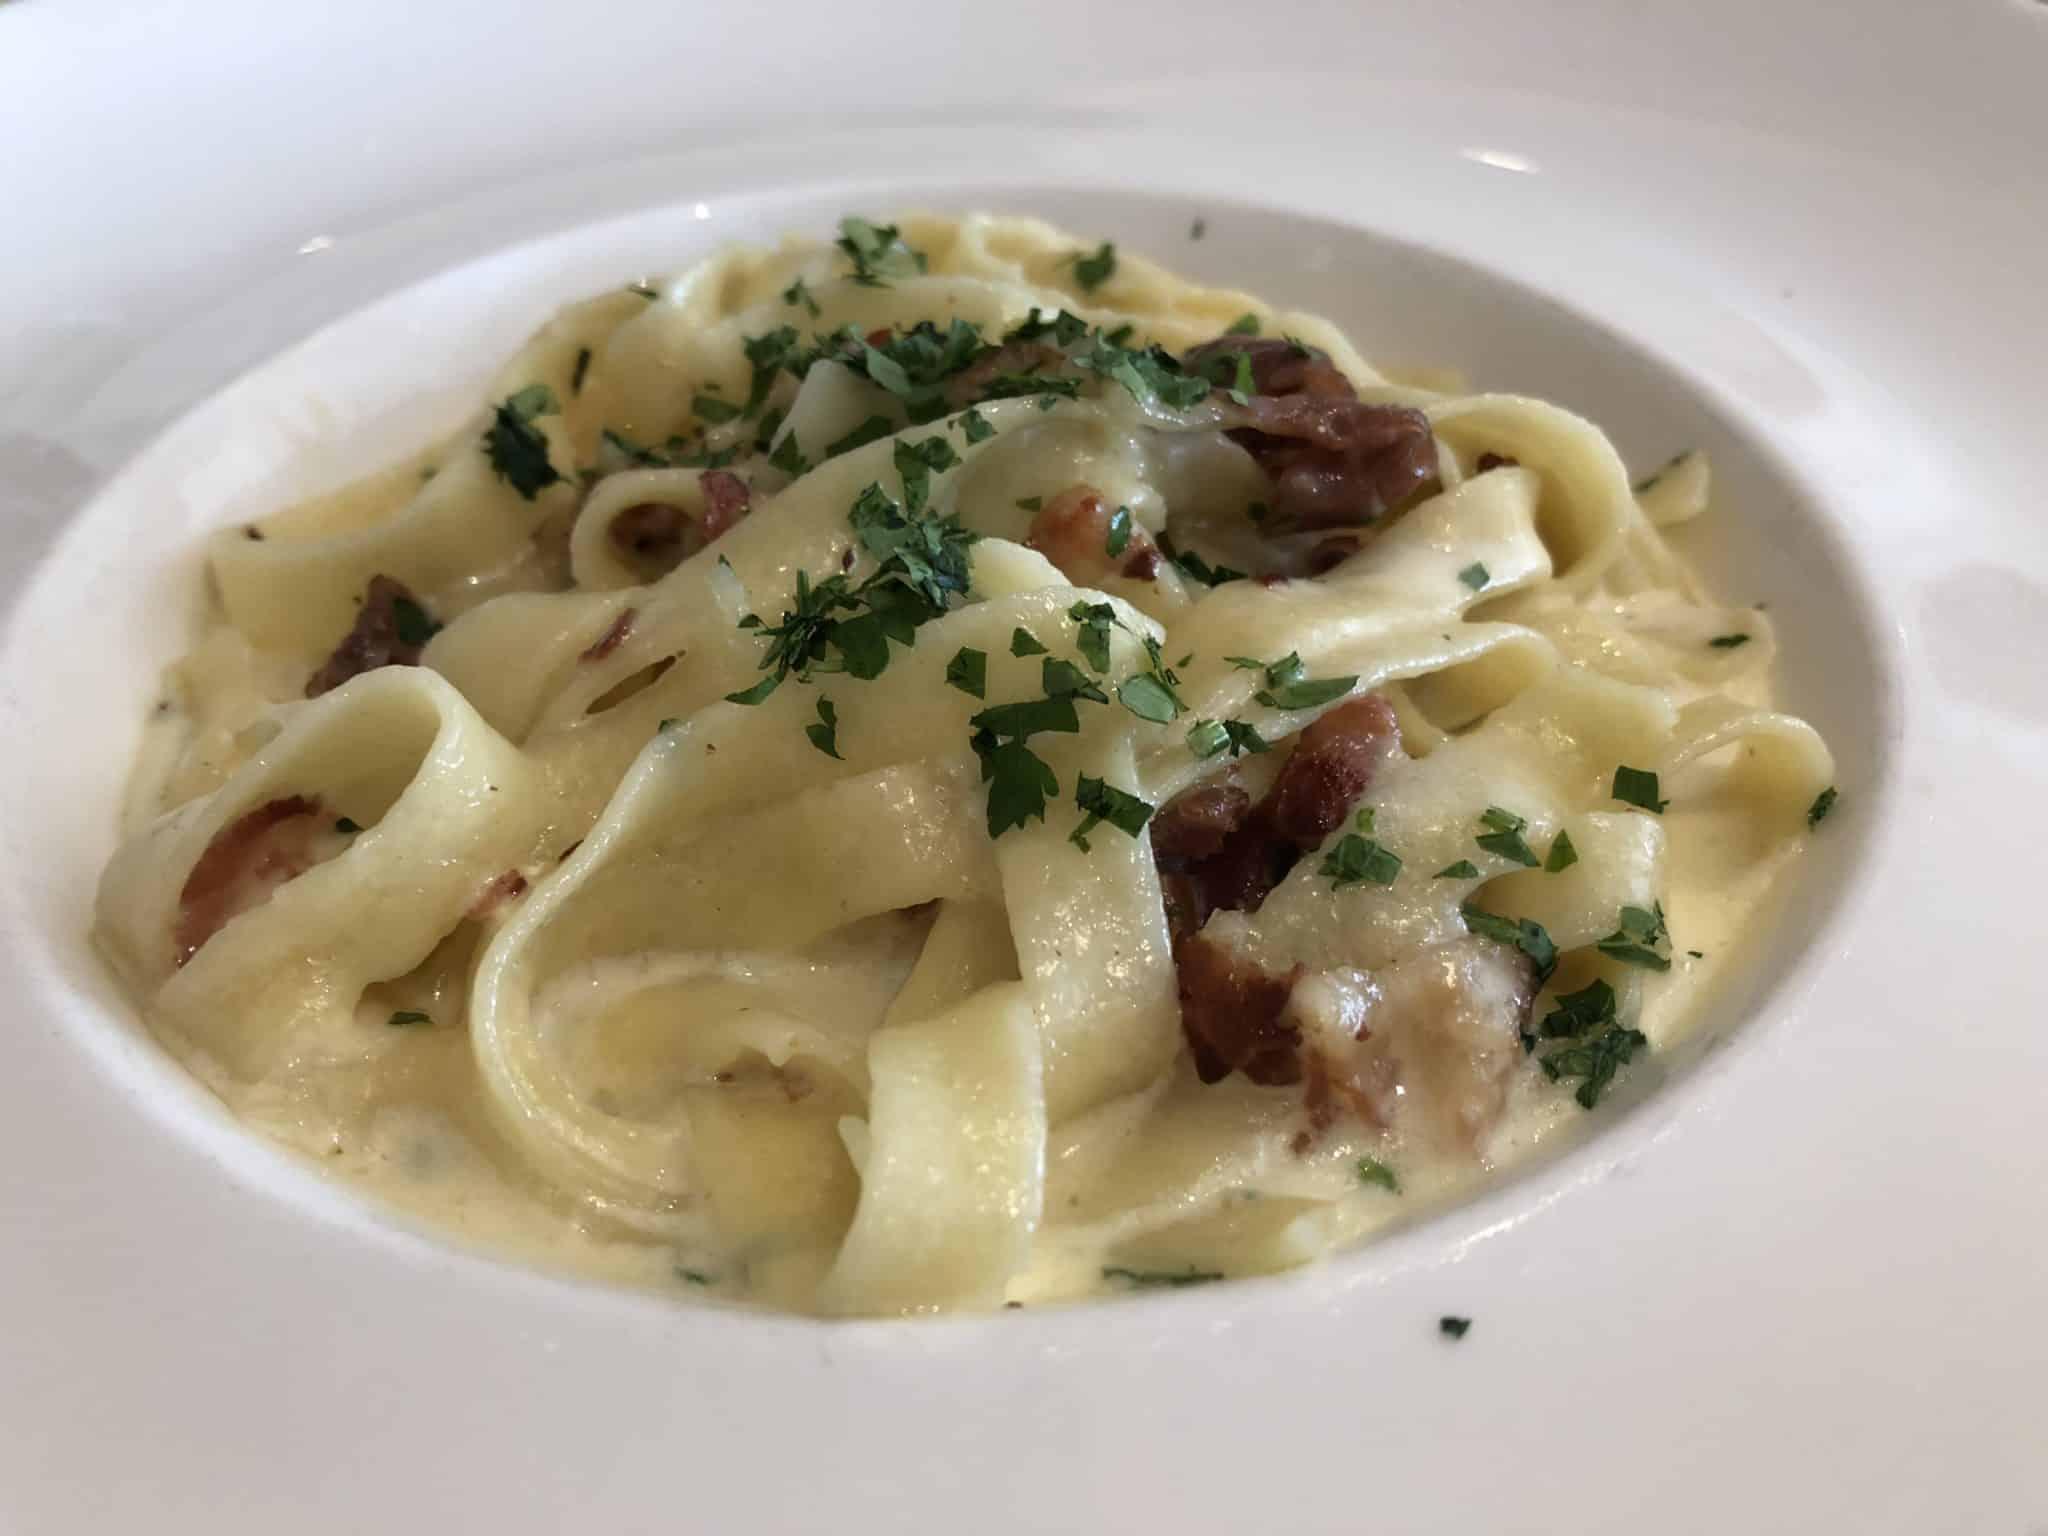 viking sky pasta dinner